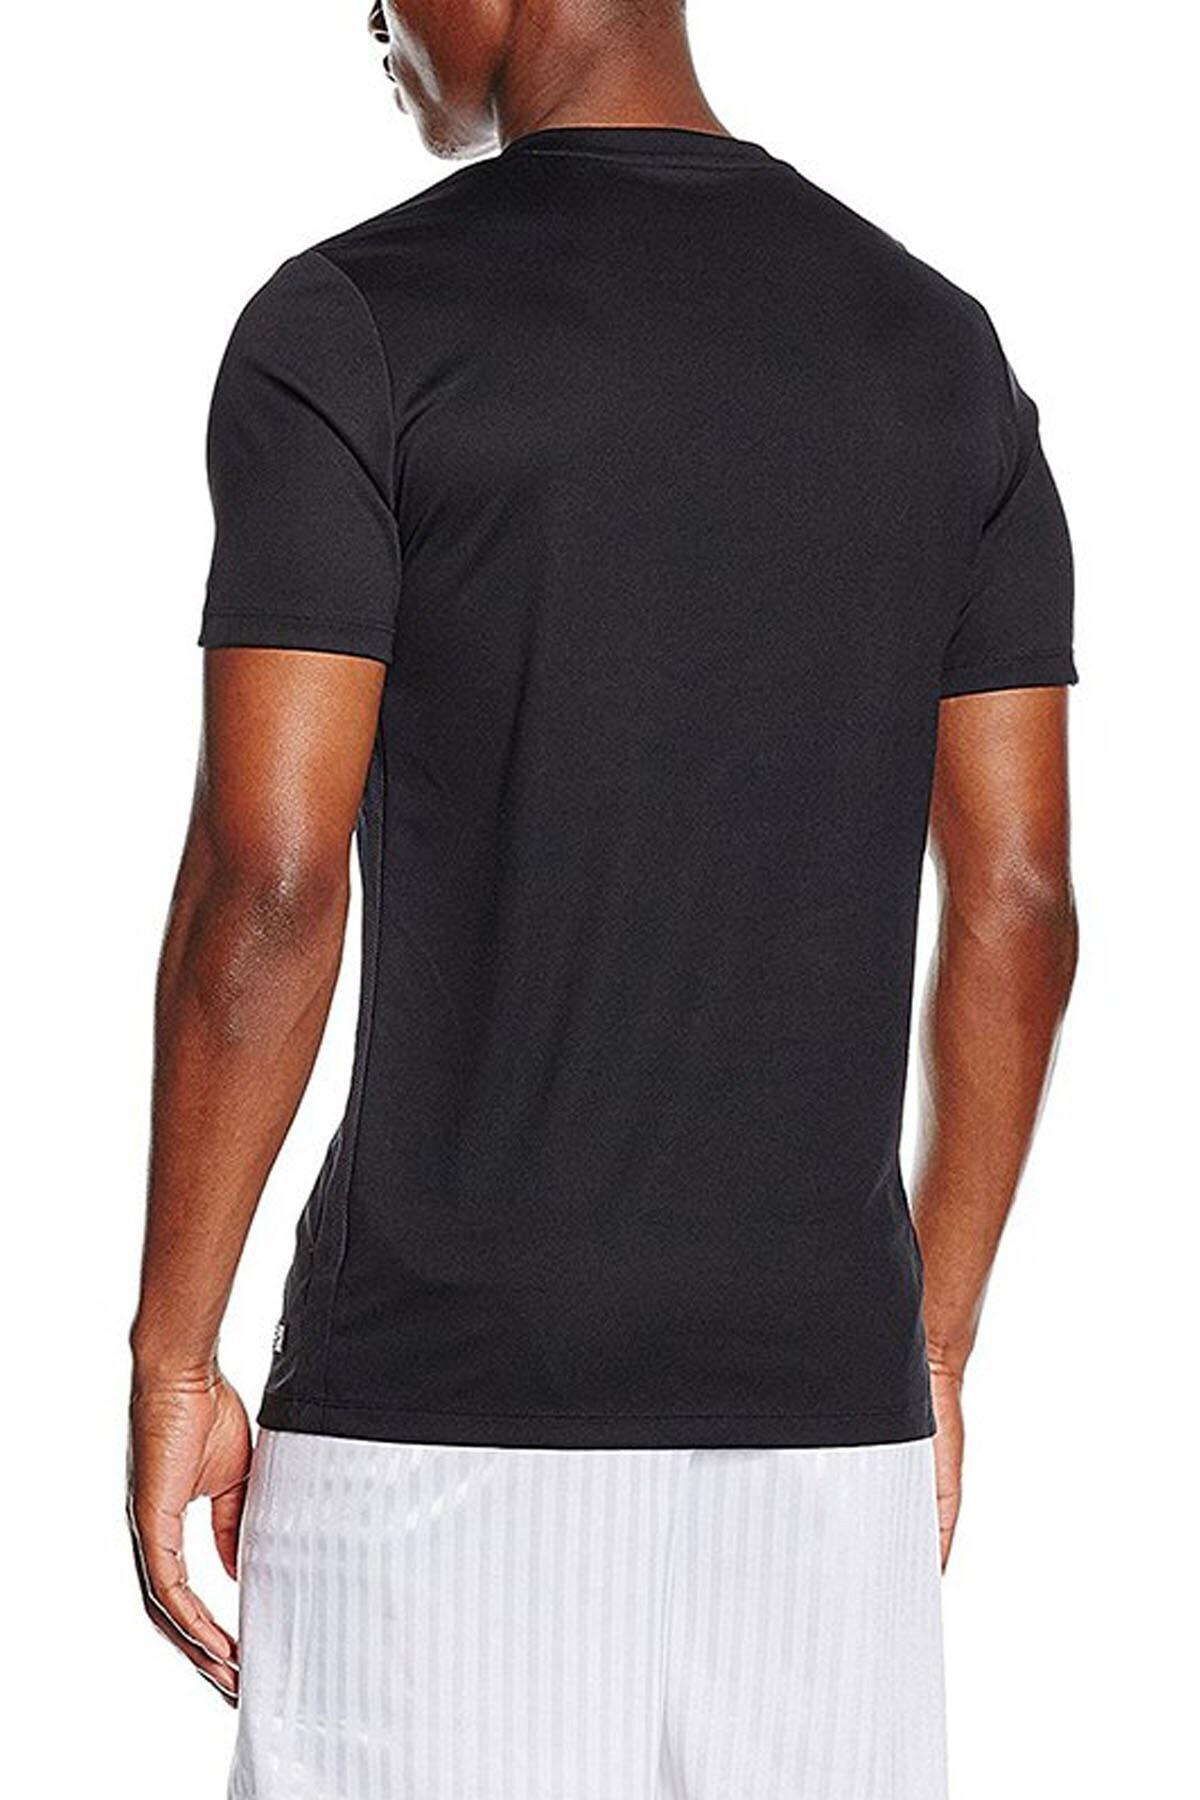 Nike Erkek Siyah T-shirt  Ss Park Vı Jsy  725891-010 2